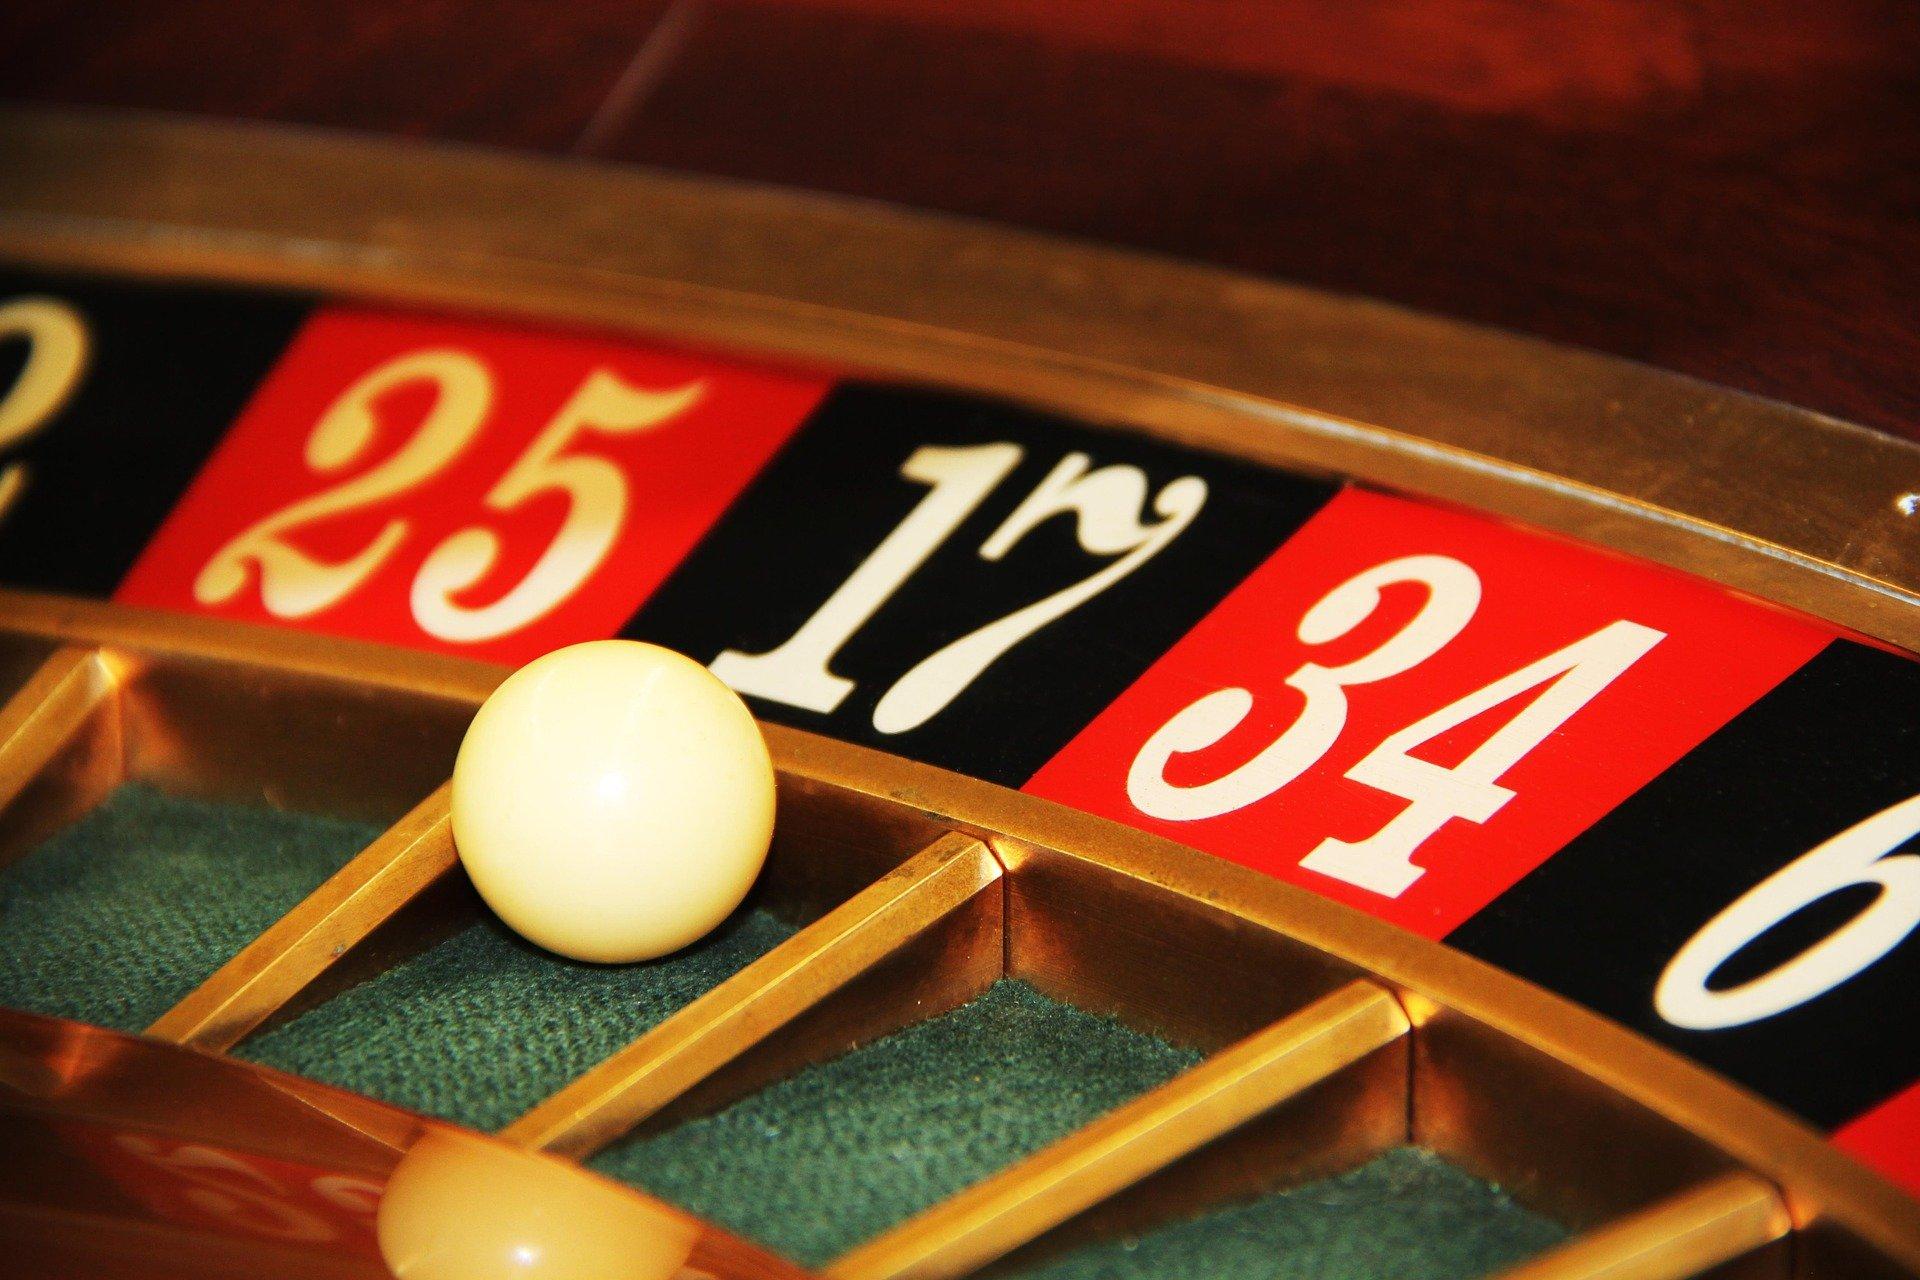 Algunos paises prohíben los juegos de azar o tienen limitaciones